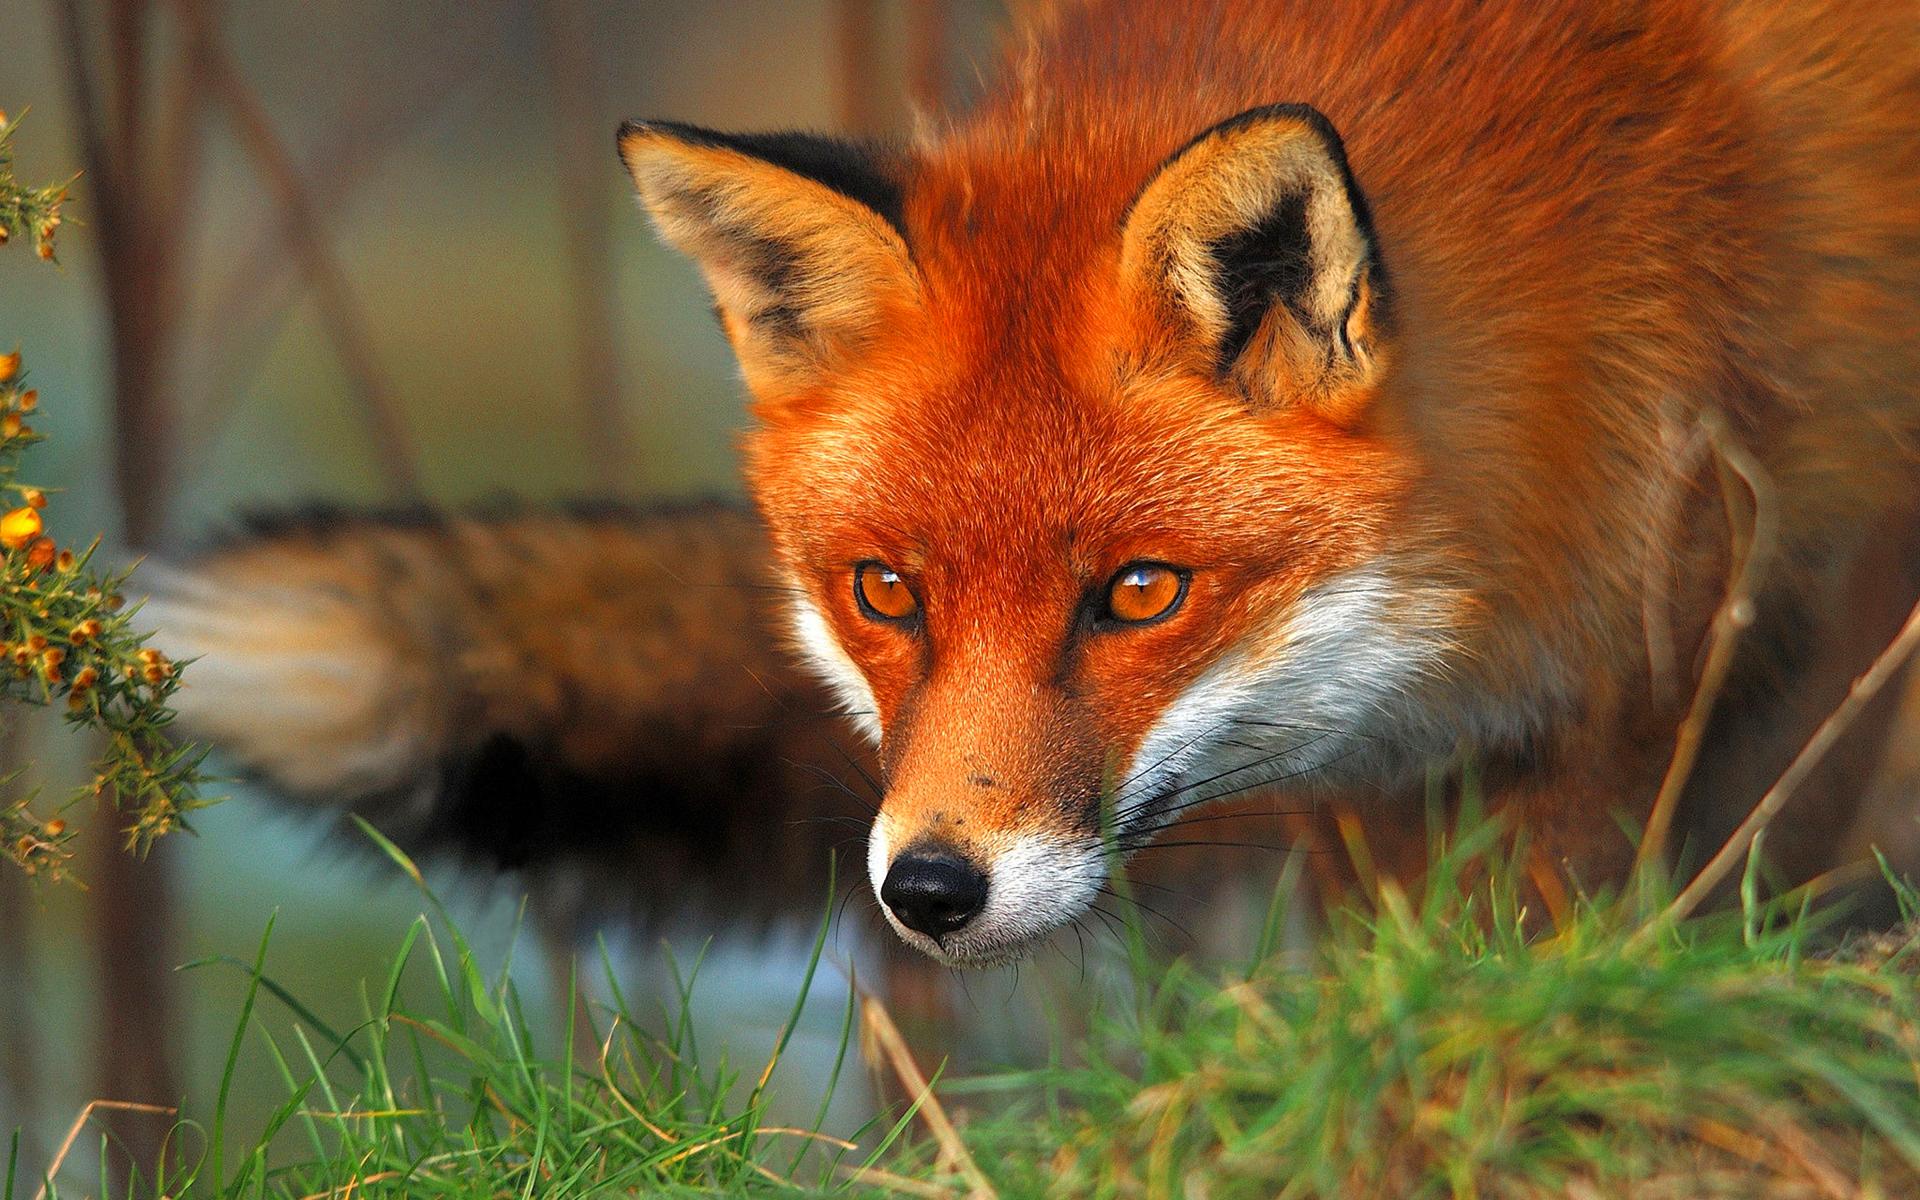 Red fox eyes